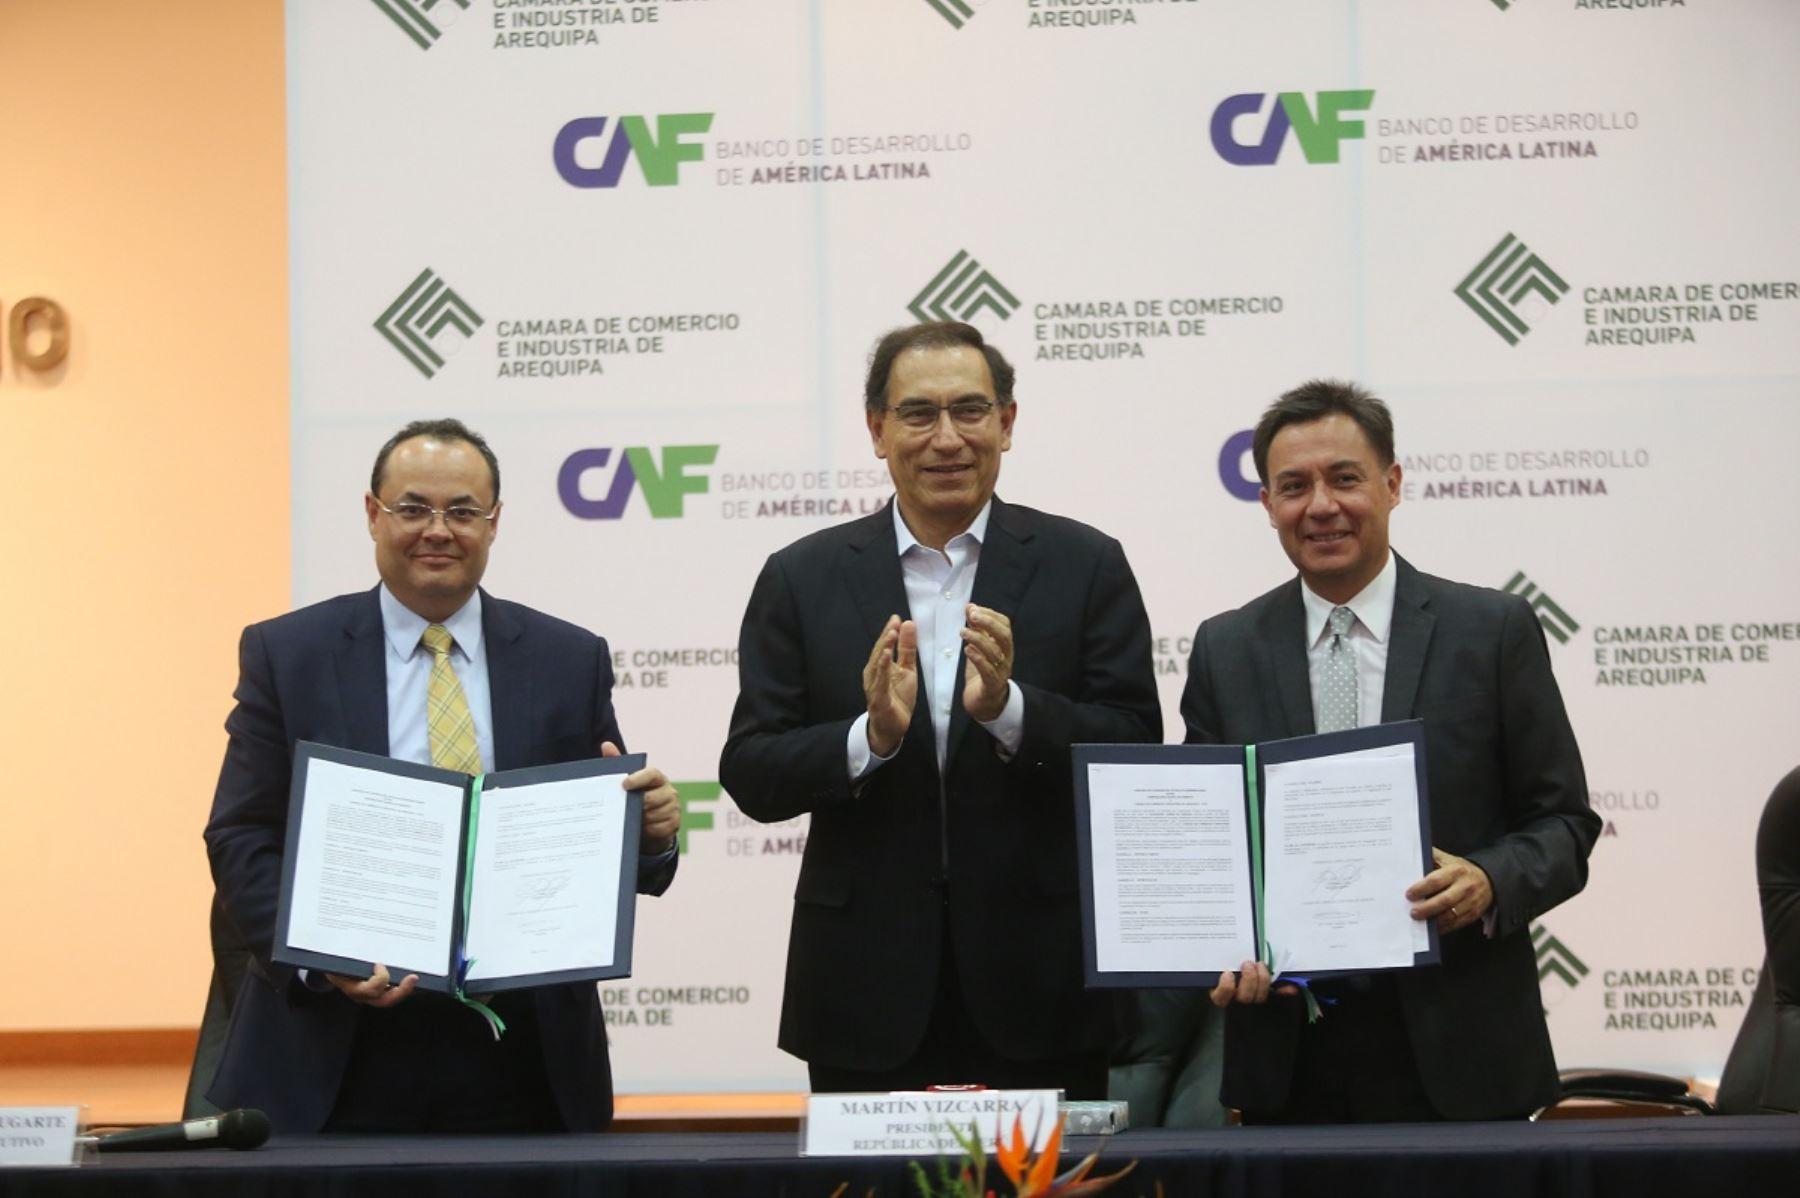 Presidente Martín Vizcarra (al centro) participó en ceremonia de suscripción de acuerdo para desarrollar cluster minero en el sur. Foto: Cortesía.